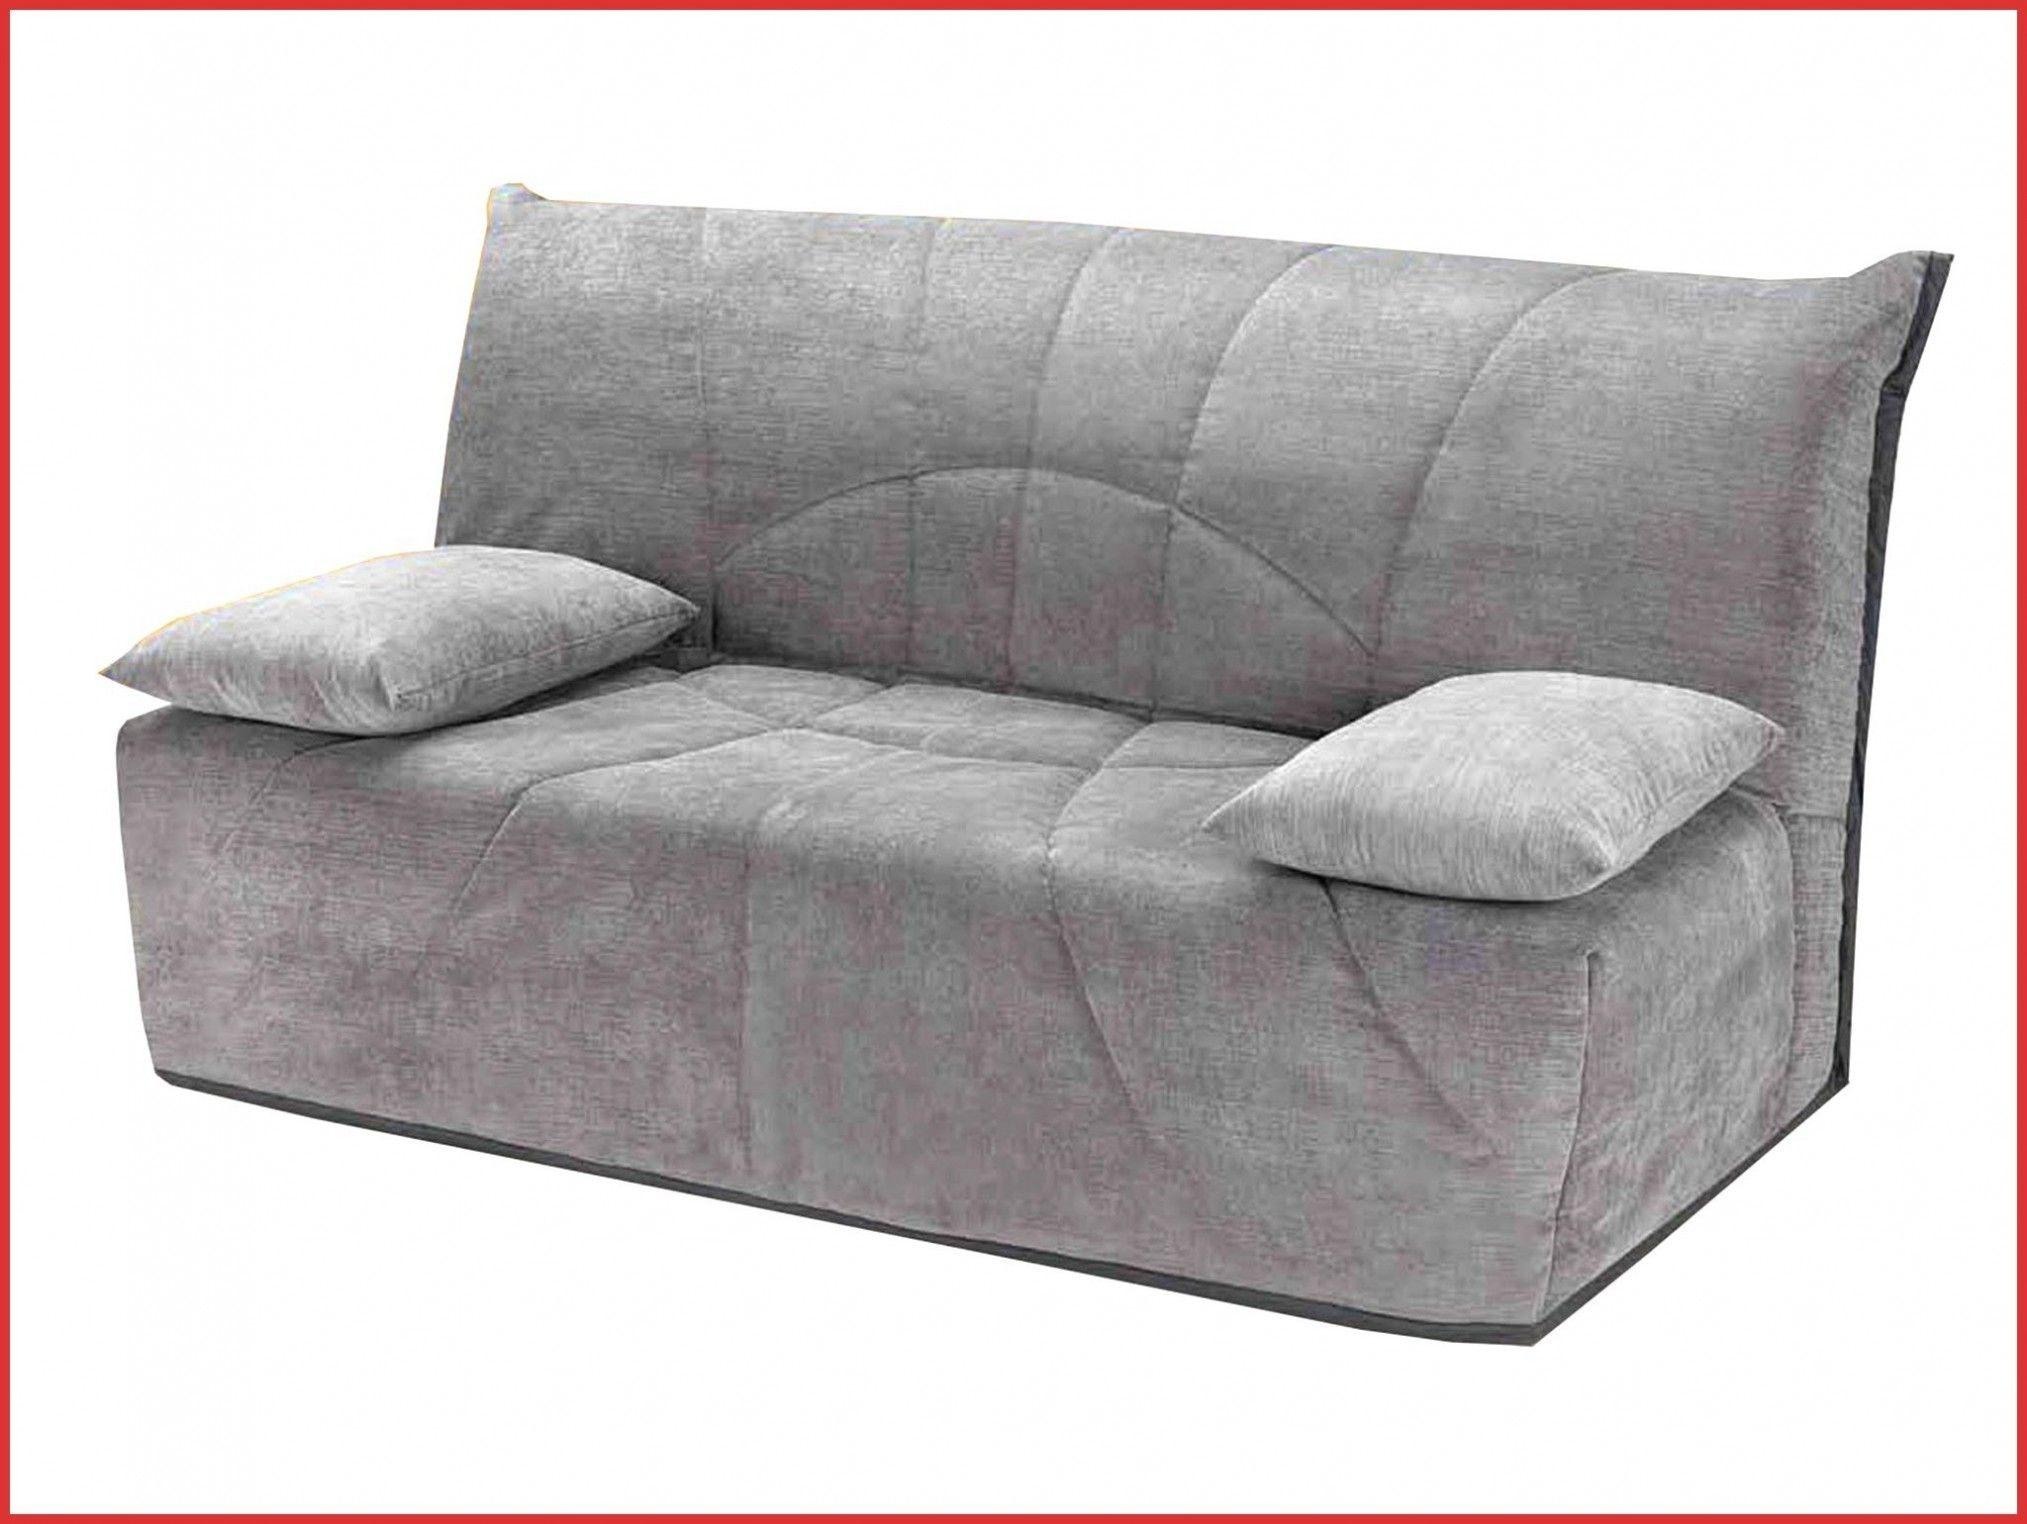 Canapé Lit Coffre Impressionnant étourdissant Lit Superposé Avec Canapé  Luxury Canapé Lit Matelas